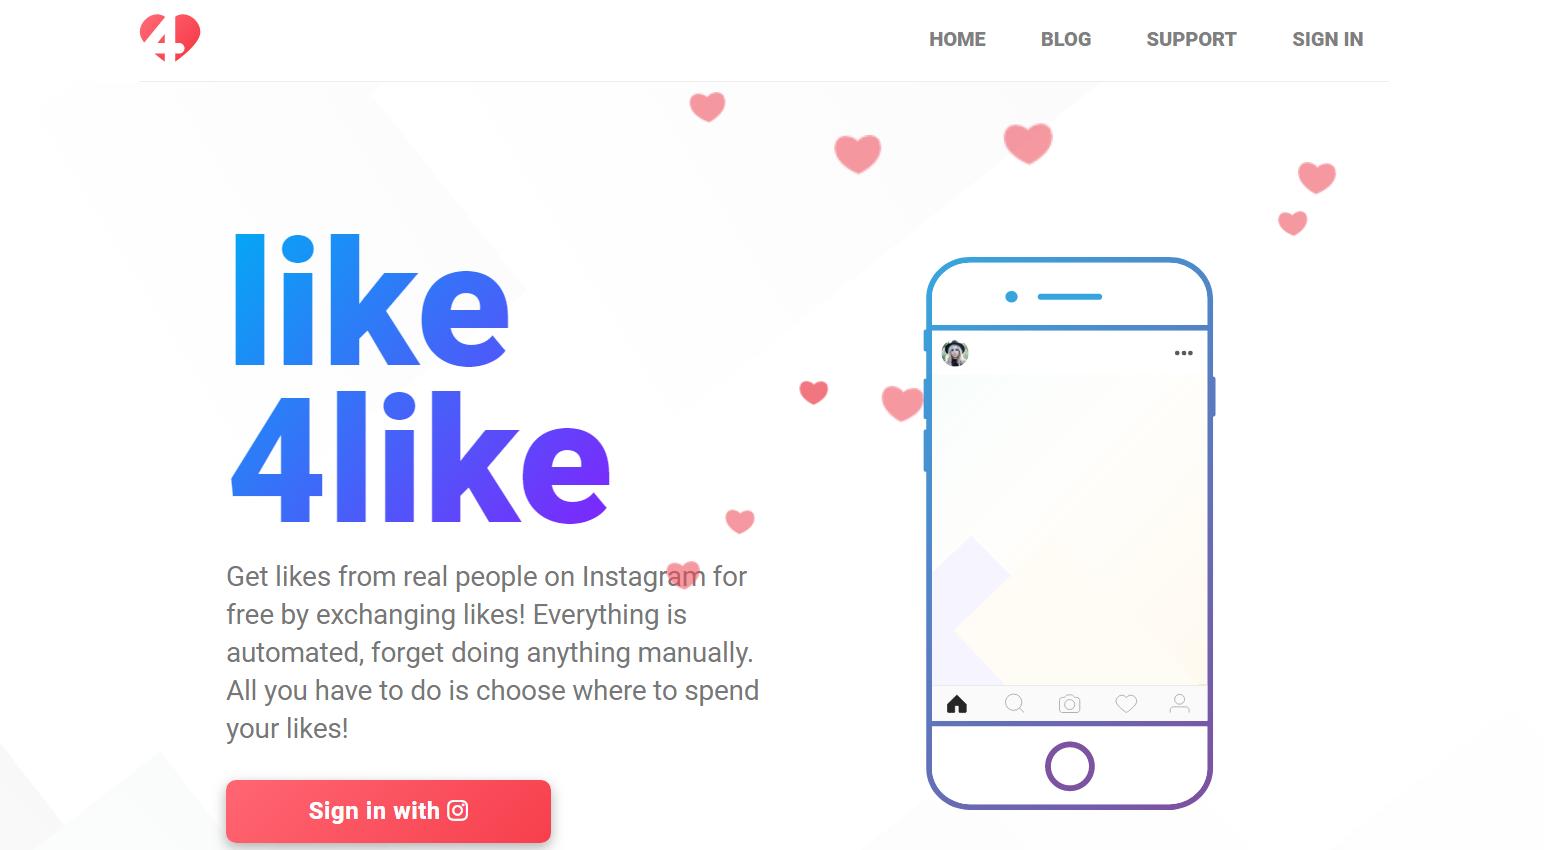 like4like homepage